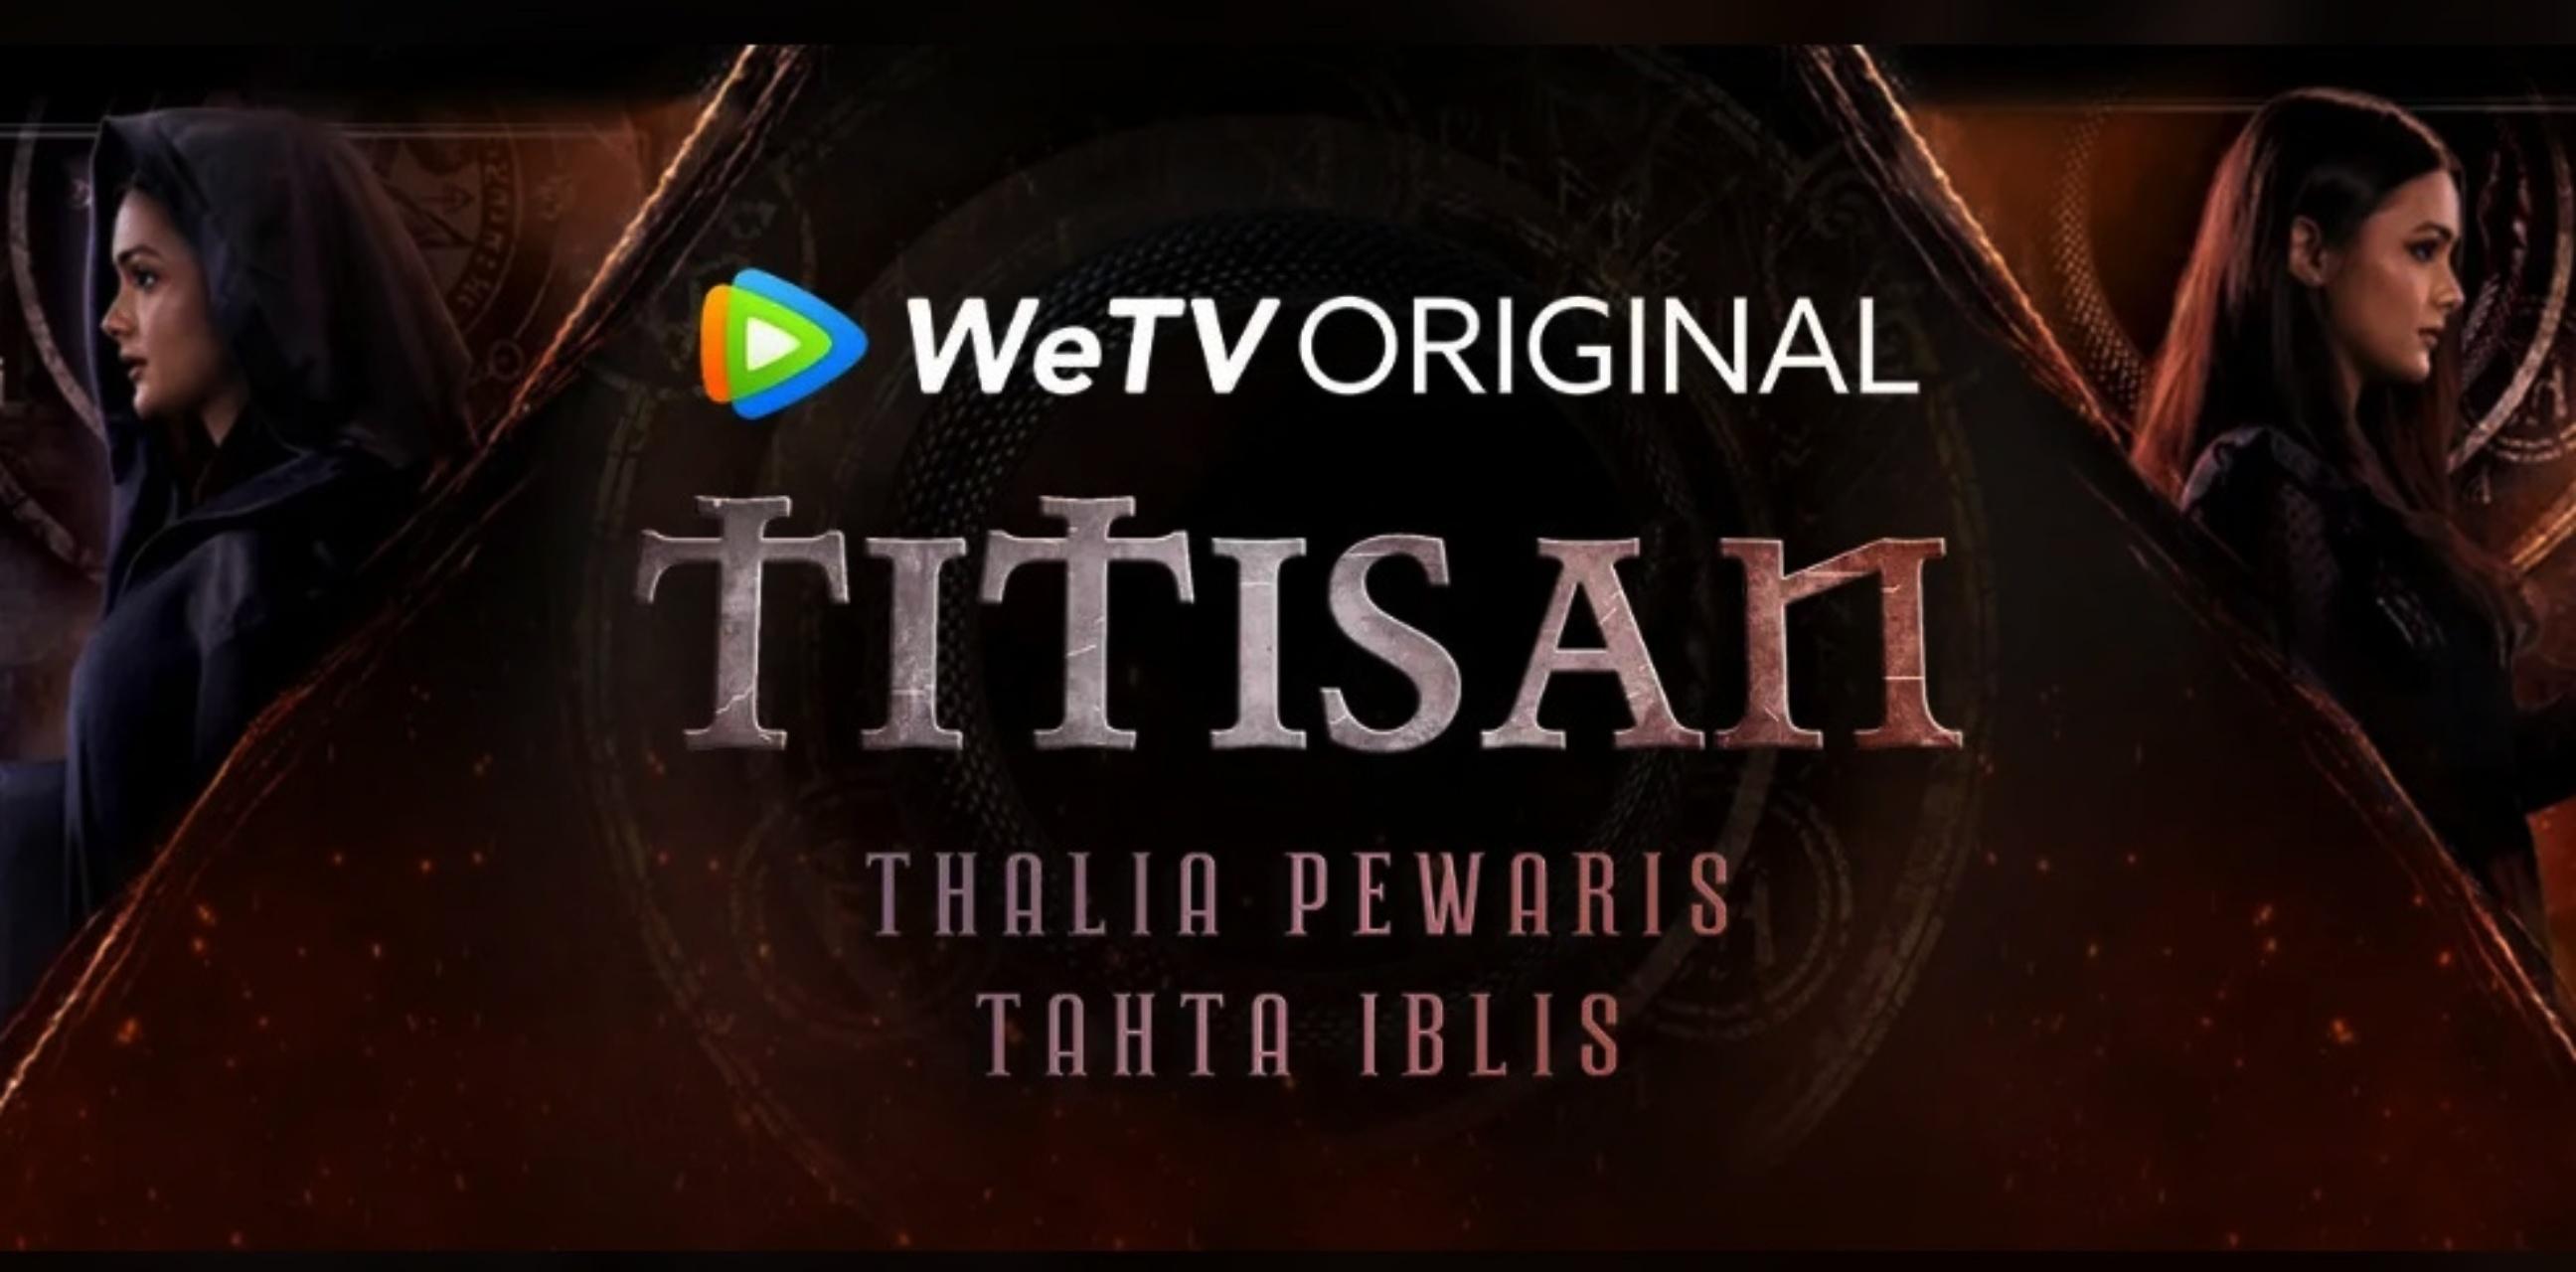 4 Fakta Titisan, serial yang memadukan kisah romansa dan horor